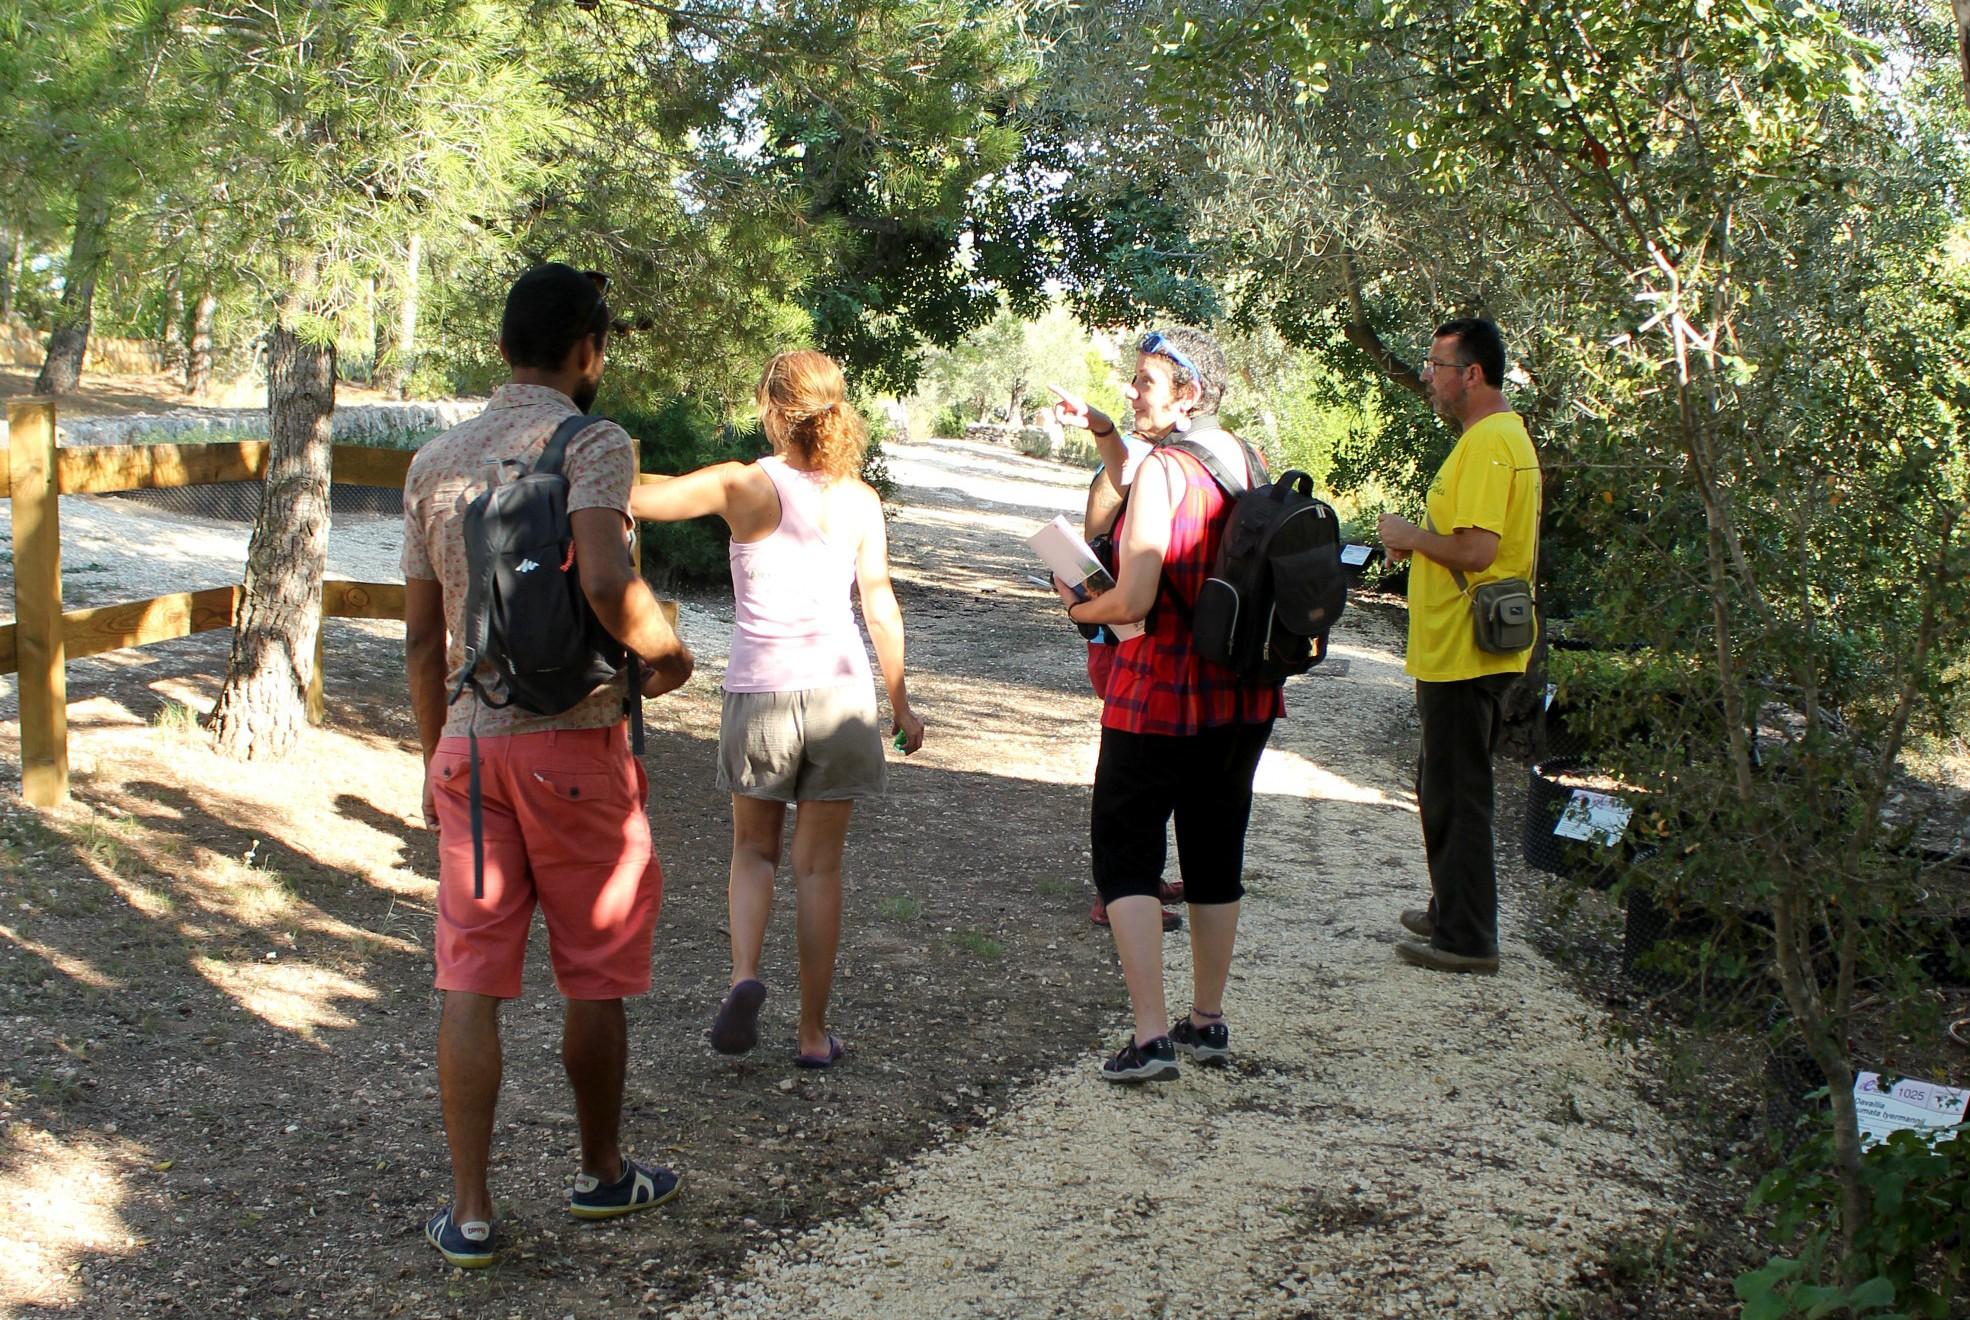 jardin botanico delta del ebro, plantas medicinales, visita guiada, naturaleza, notas naturales